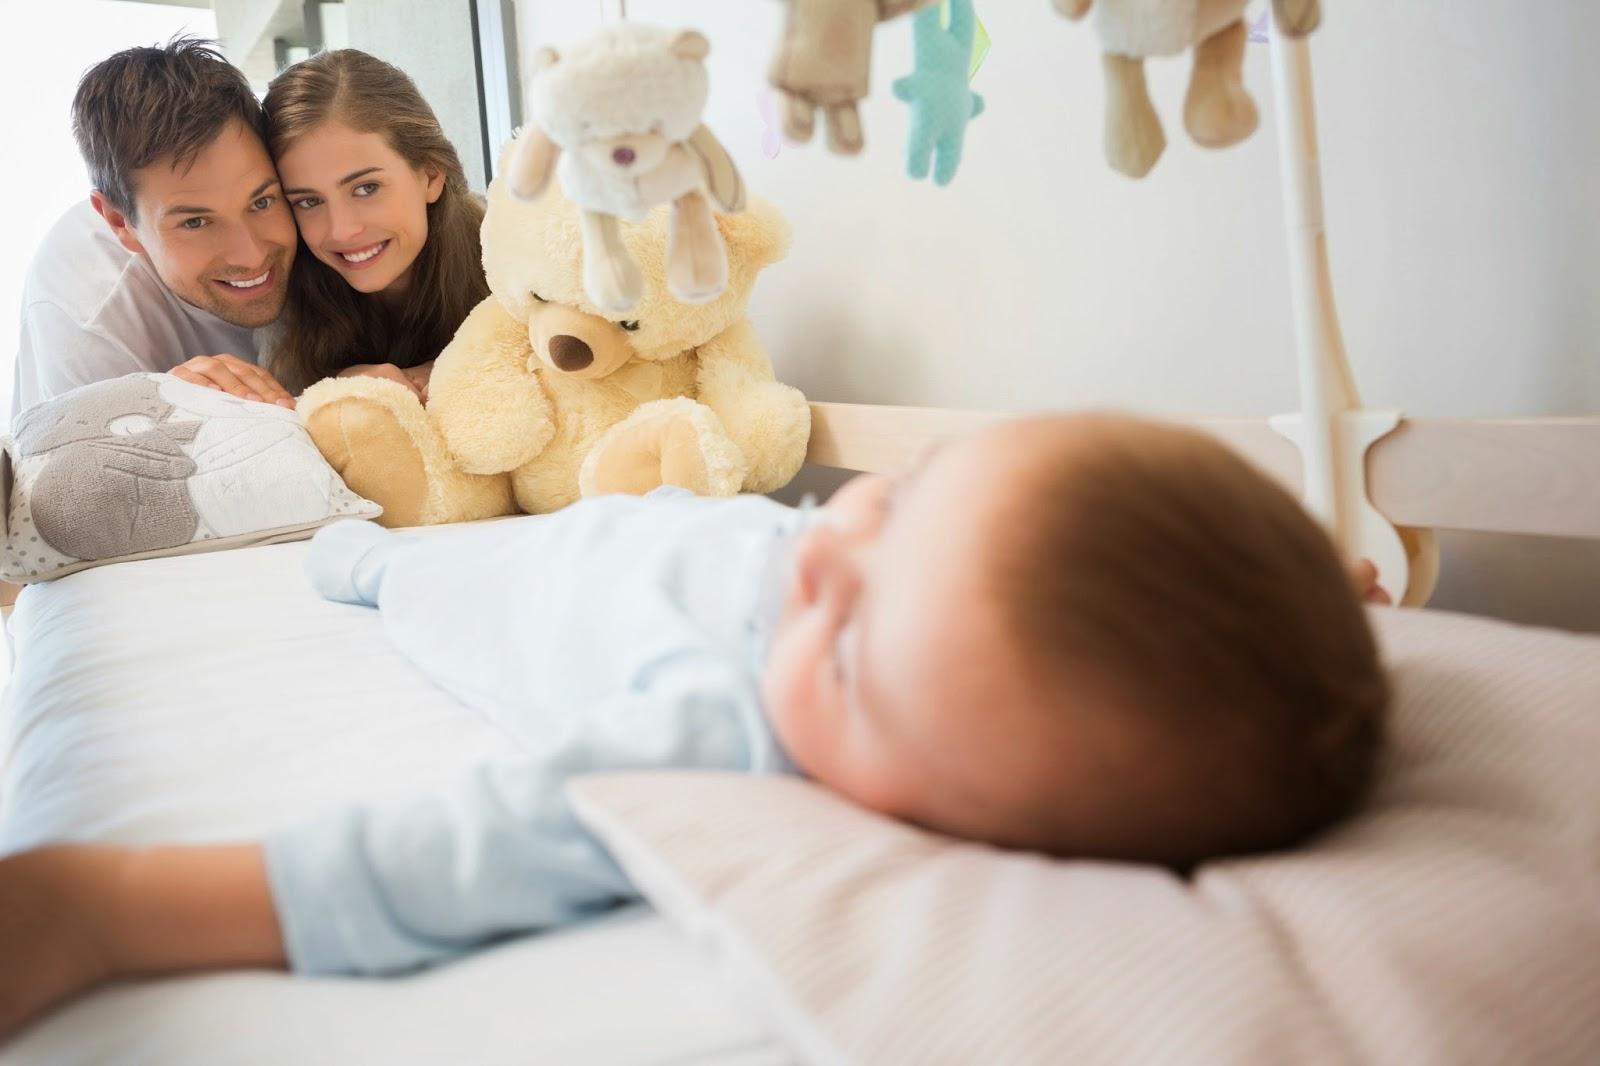 parinti-fericiti-ca-bebe-doarme-in-siguranta